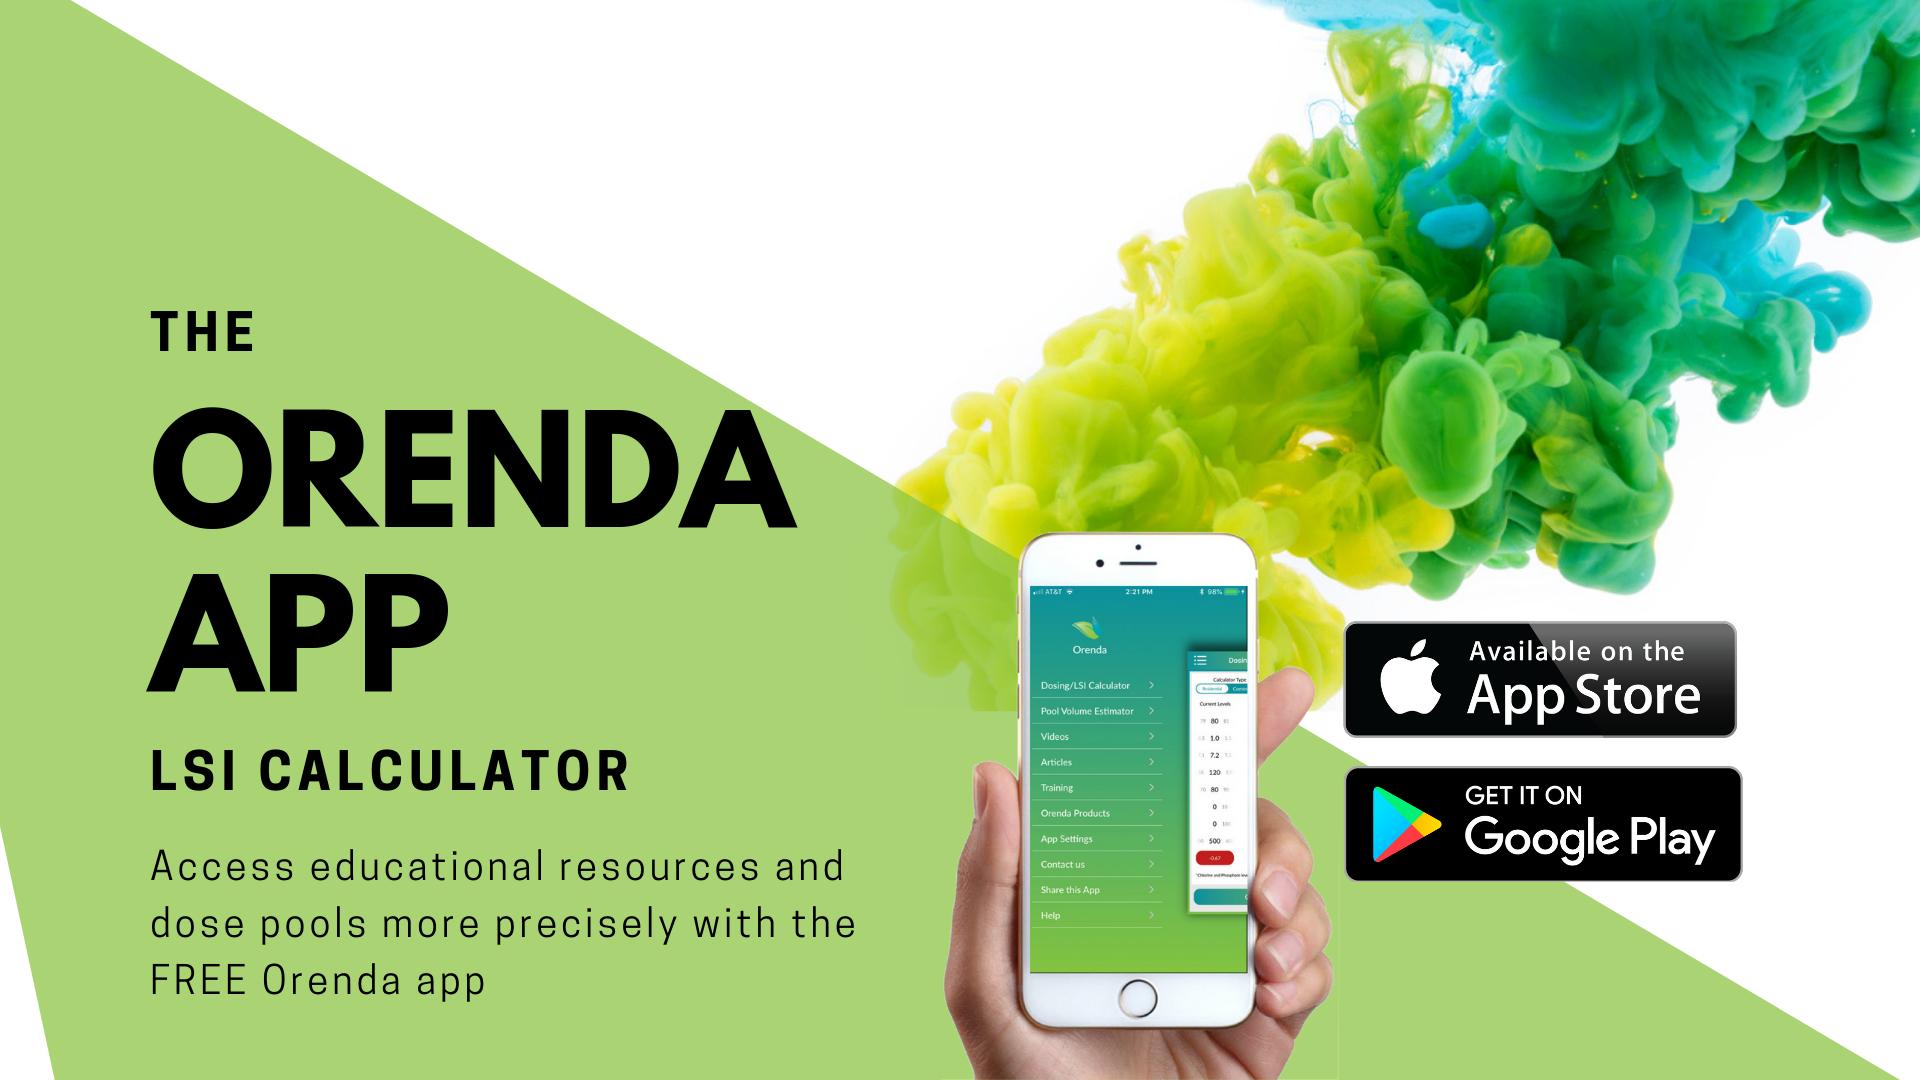 Orenda App Ad